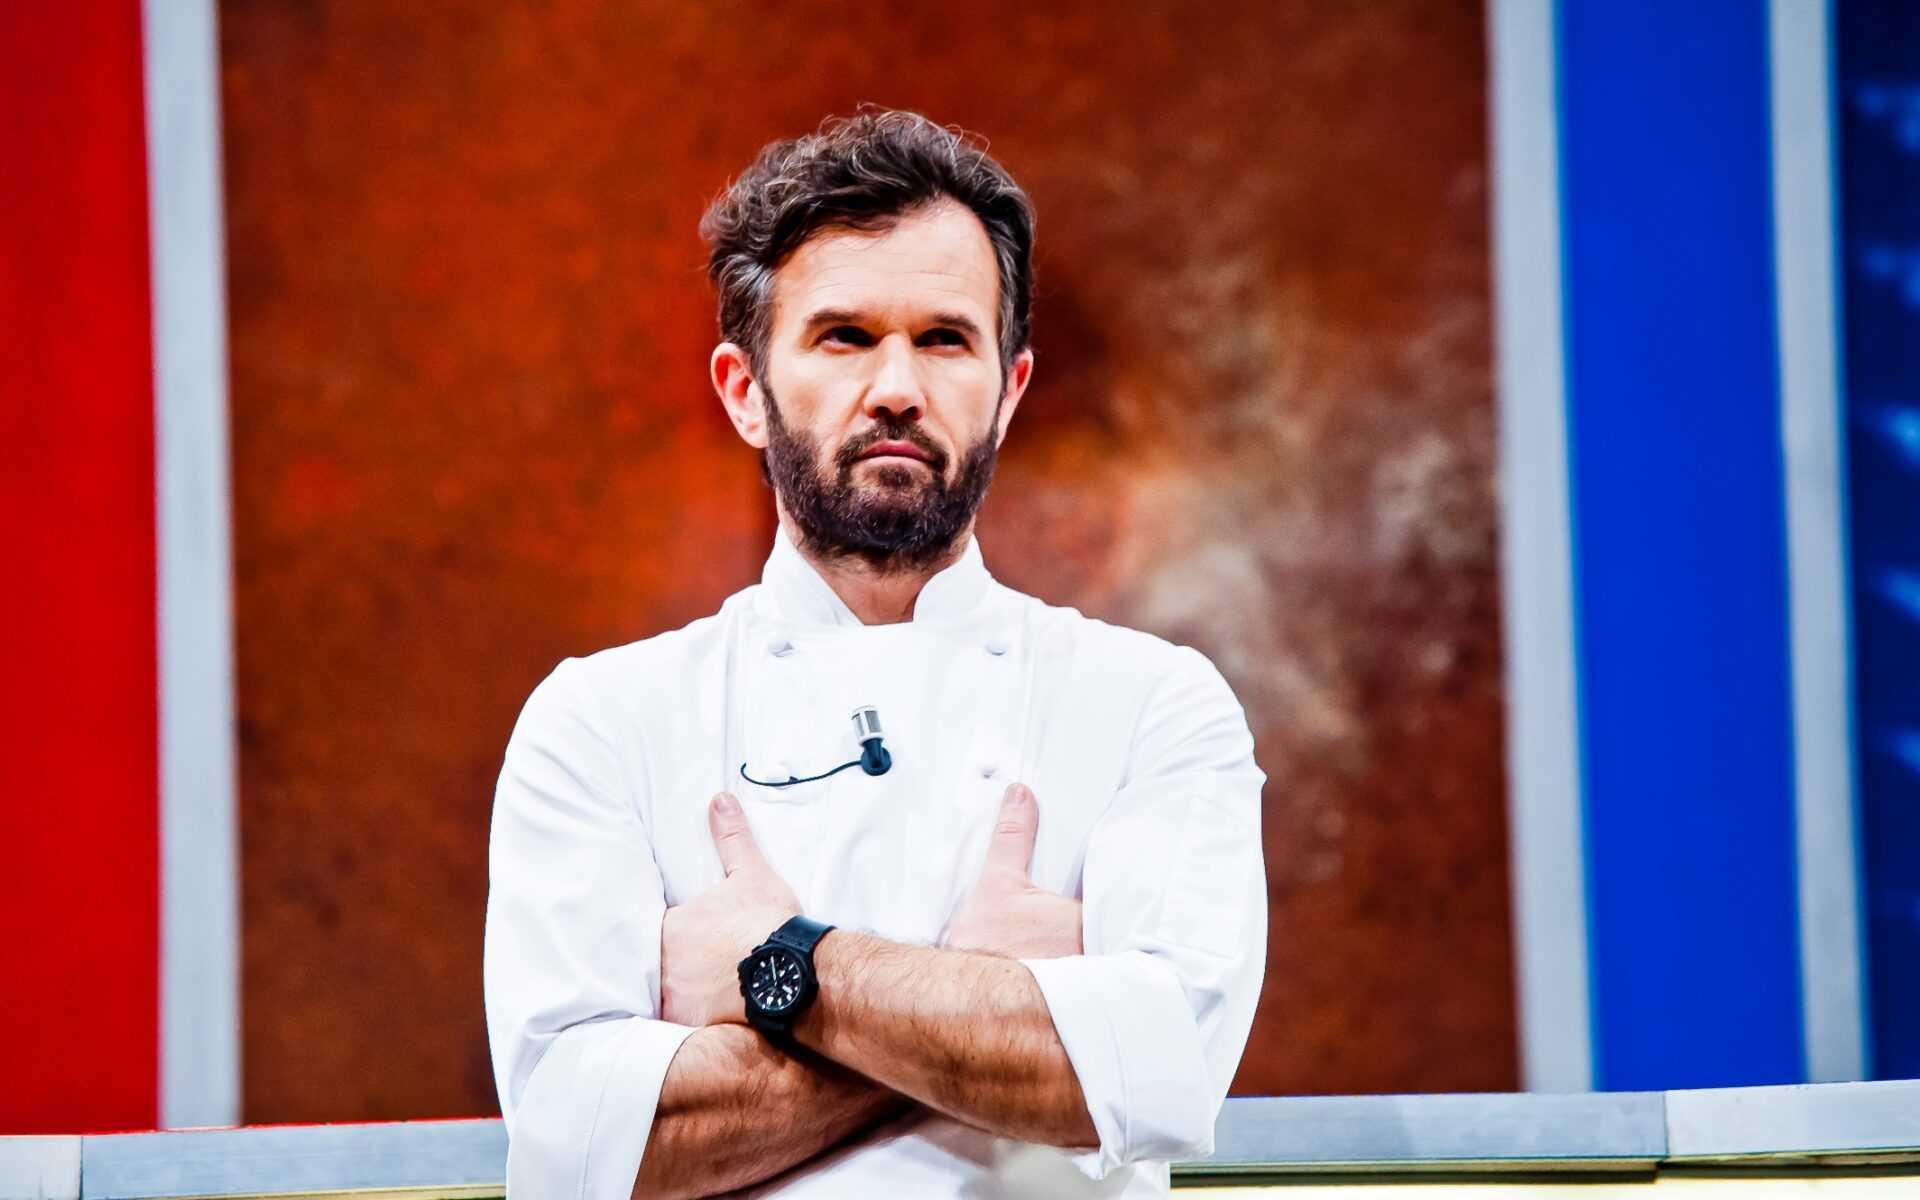 Al via i casting per la nuova stagione di Hell's Kitchen Italia | Digitale terrestre: Dtti.it